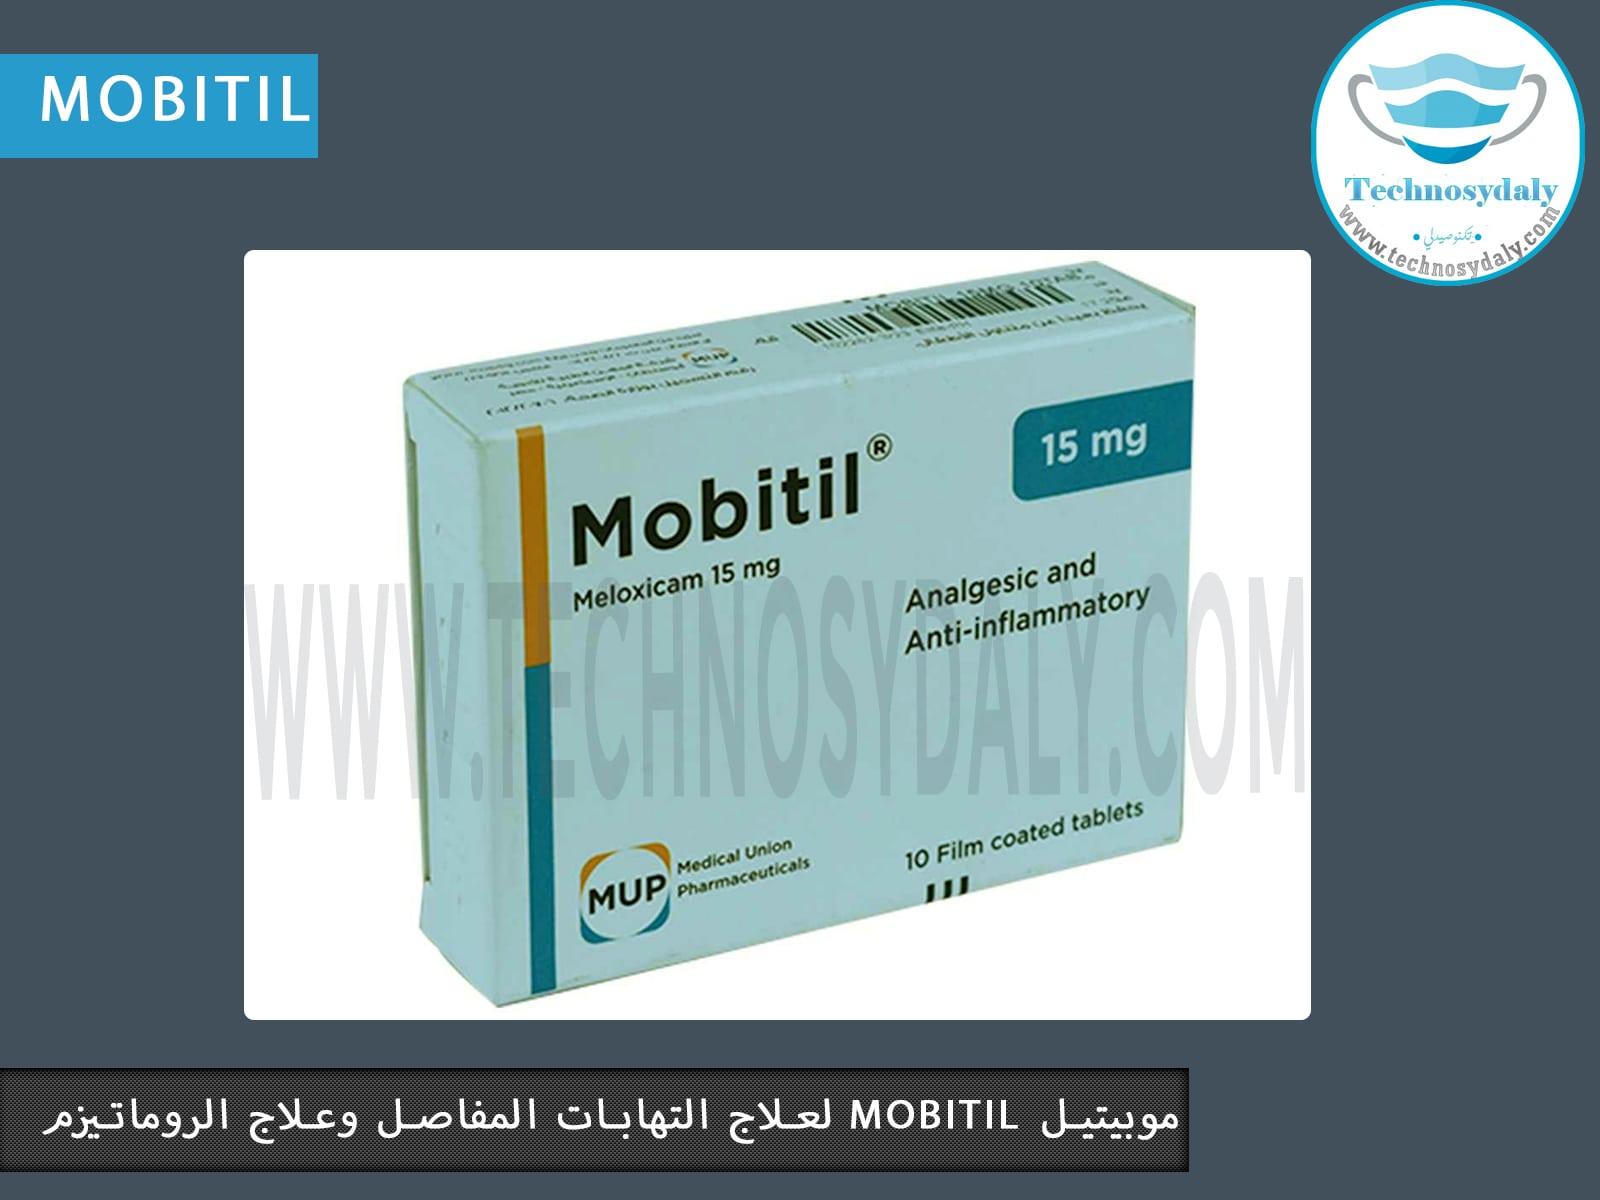 موبيتيل لعلاج التهابات المفاصل وعلاج الروماتيزم